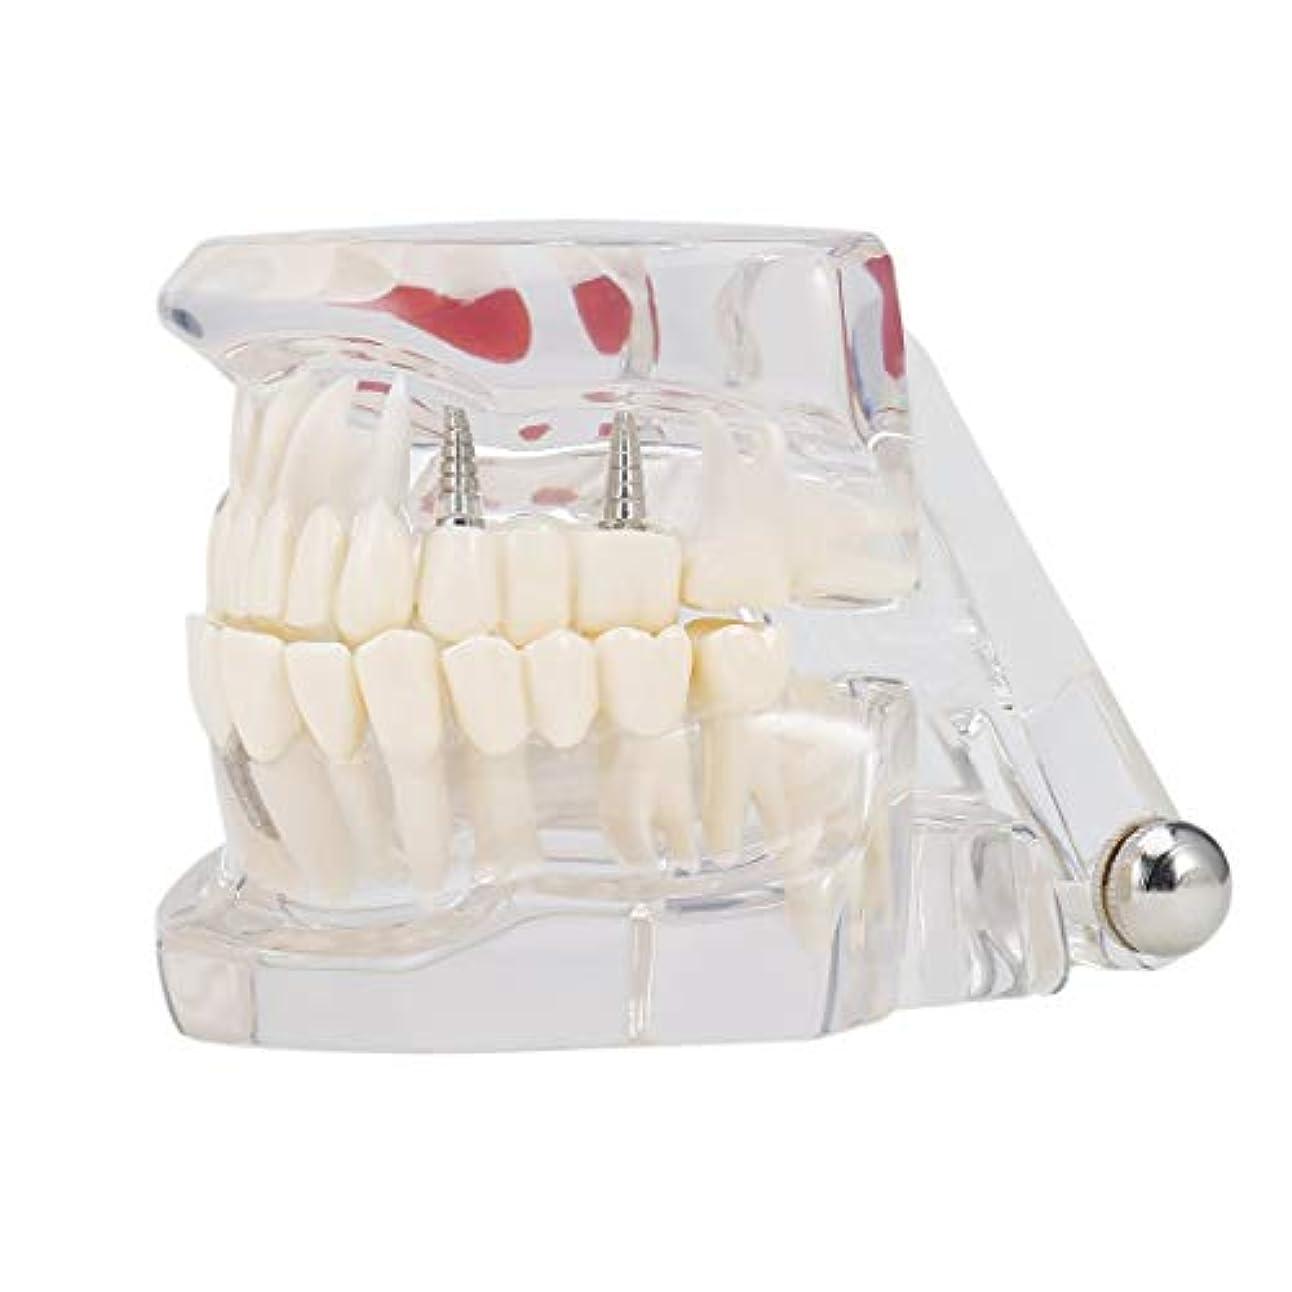 巻き戻す低下雇用専門の取り外し可能な偽の歯の歯の病気のモルデルの歯科インプラント回復表示医院の病院の教育使用 (色:黒)(Rustle666)